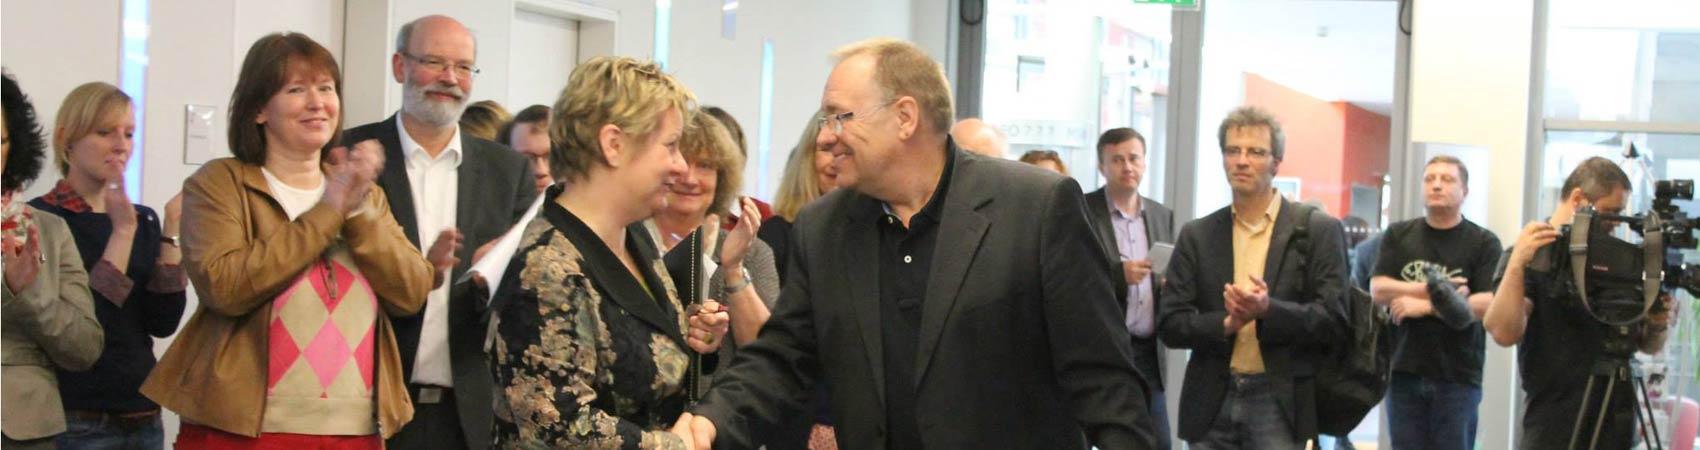 Bernd Schäfer (Schulleiter des RRBK), Sylvia Löhrmann (Ministerin Schule und Weiterbildung)